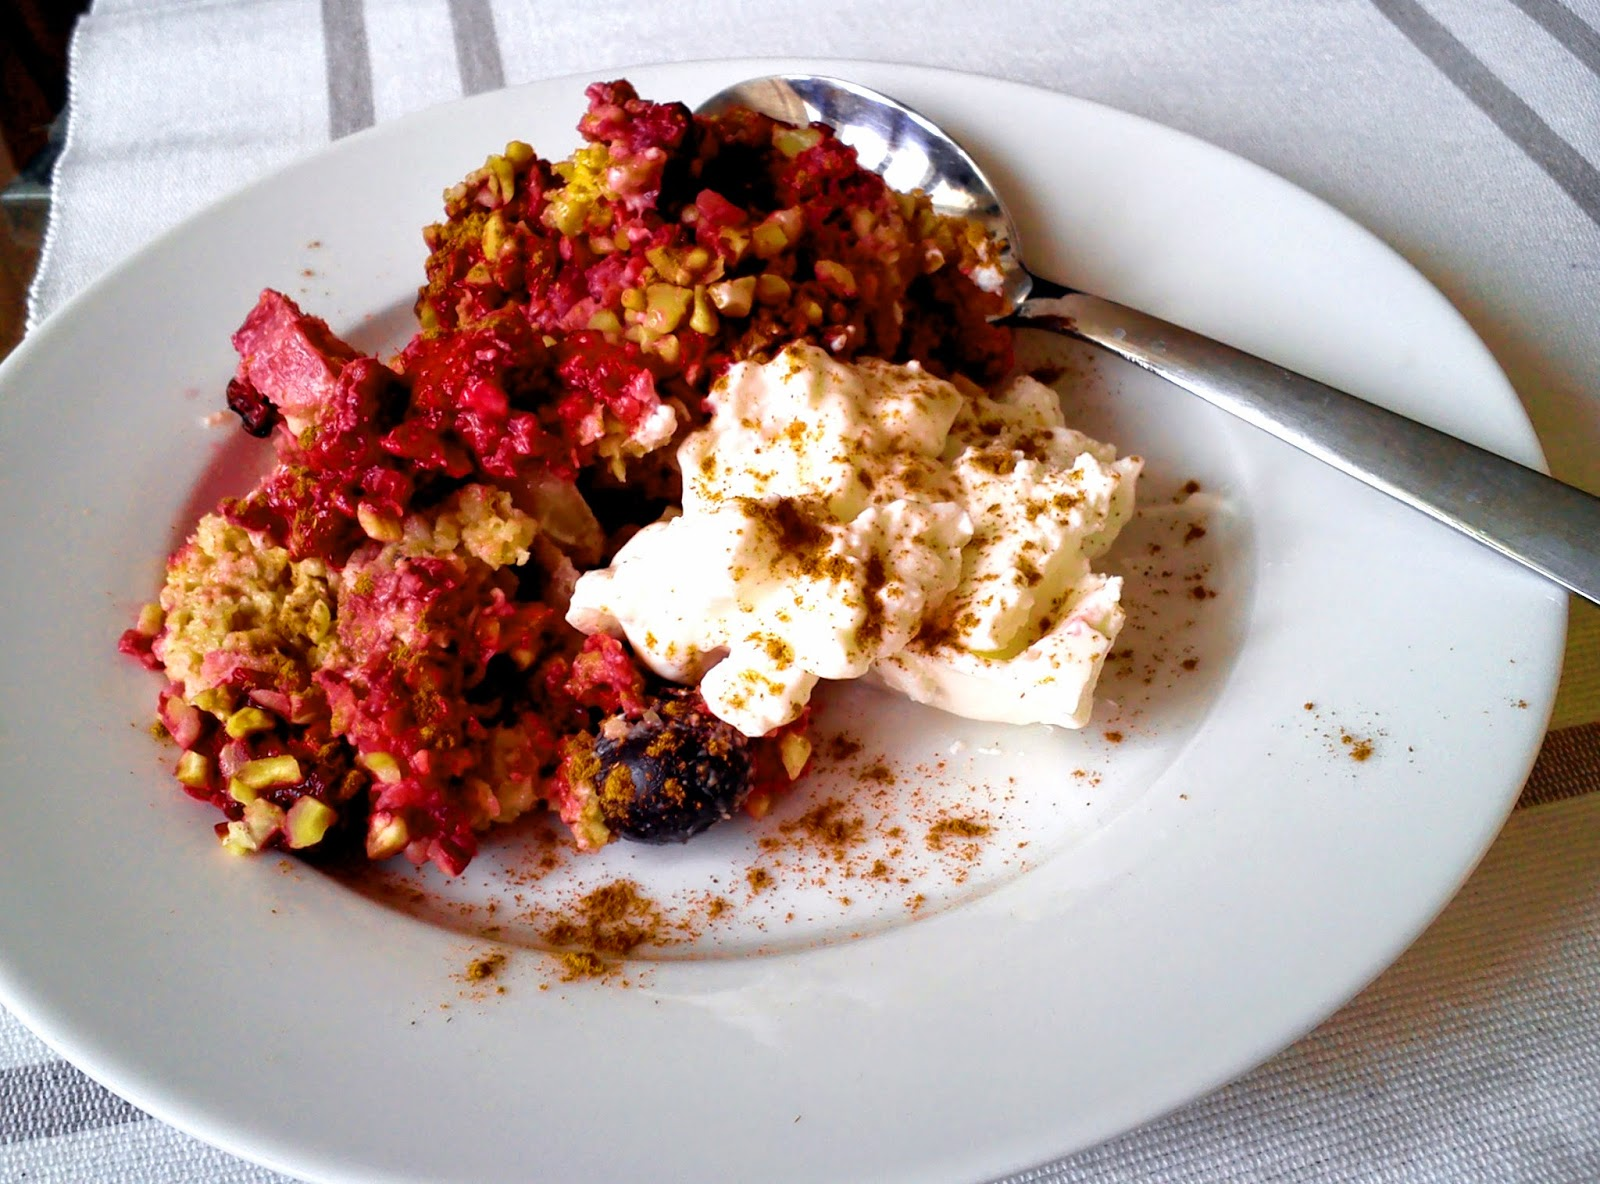 Reseptit: vadelma-banaani-kauraherkku Äitienpäivän kunniaksi.